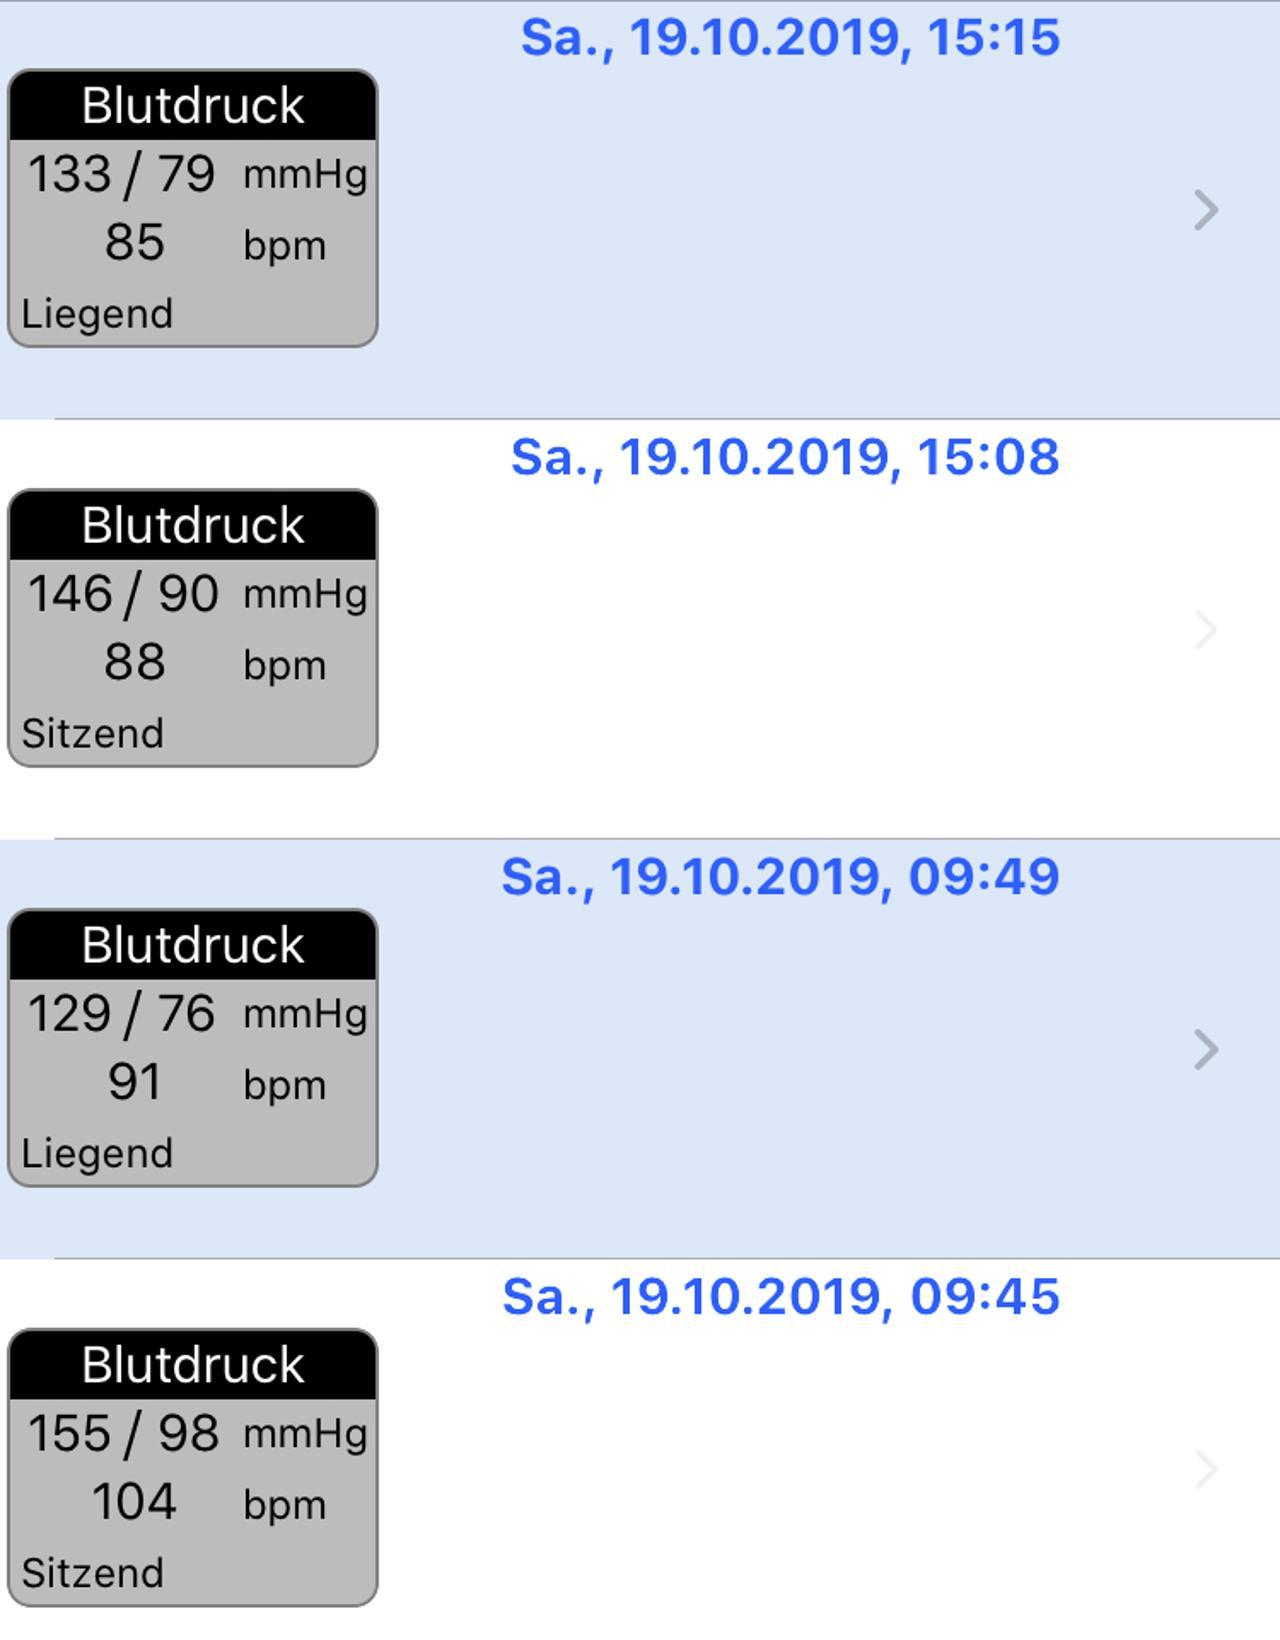 Blutdruck im Liegen ok und im sitzen Katastrophe - Forum..